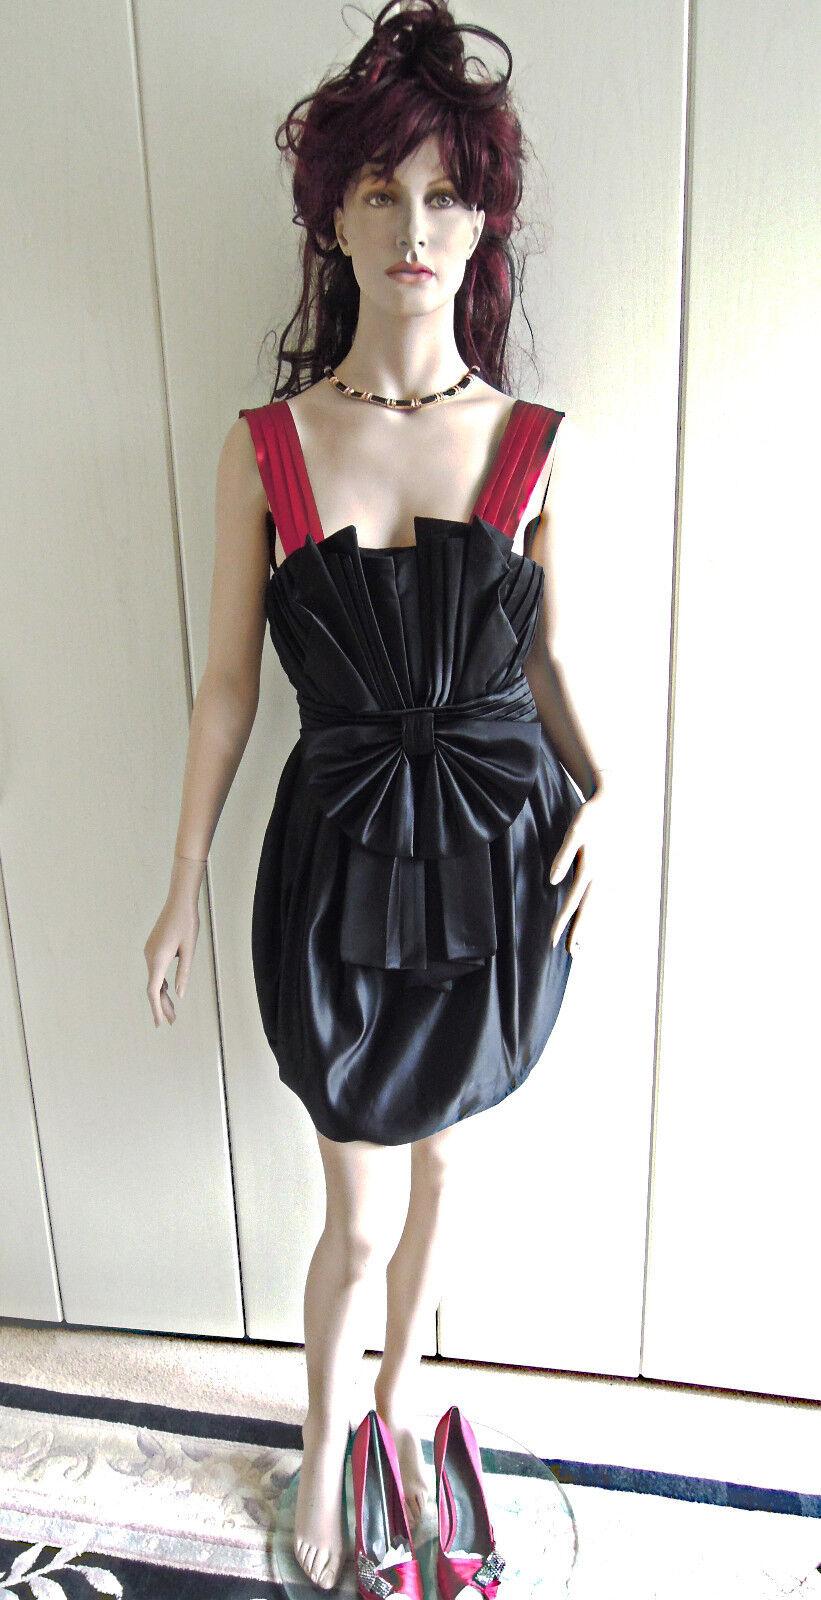 Abendkleid Rarität Gr. 34 ein Traum in black red sexy Glamour Kleid limitiert